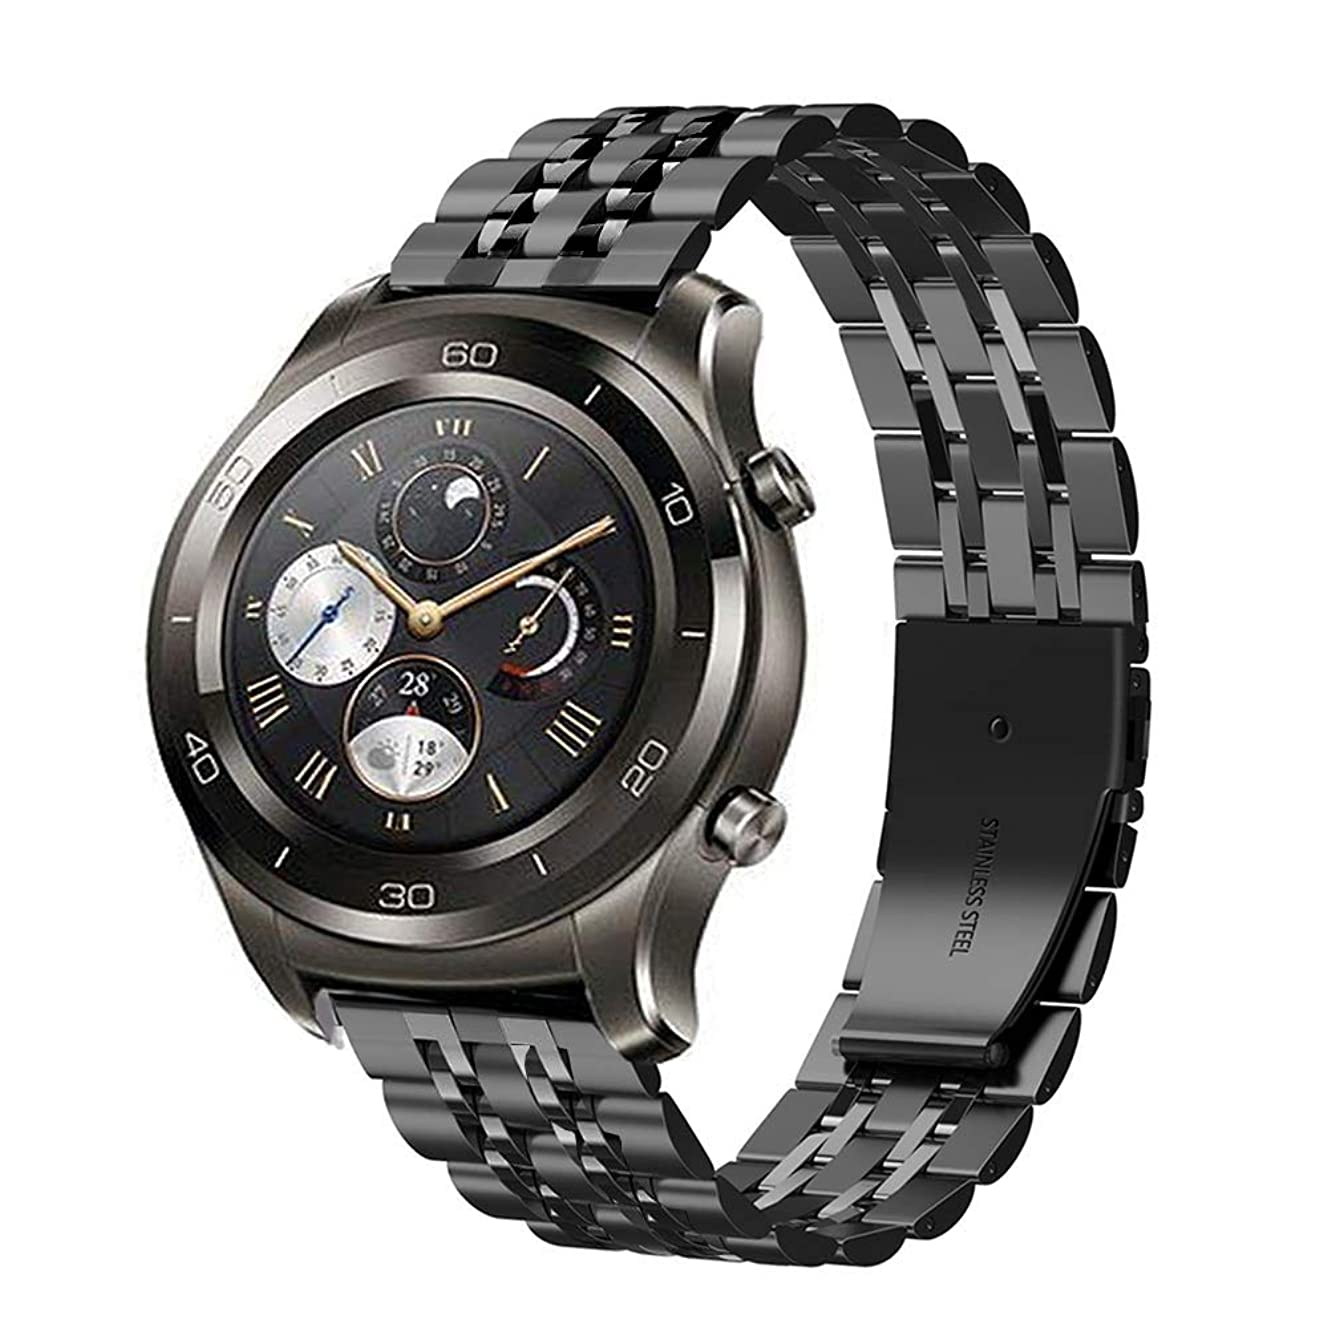 あご目に見えるバルセロナOmter Compatible with Ticwatch Pro/E2/S2 Samsung Galaxy Watch 46mm/Gear S3 Classic/Frontier/Huawei Watch GT/Watch 2 Classic バンド 22mm 高品質なステンレススチール製バンド、ビジネス風のベルト (ブラック2)